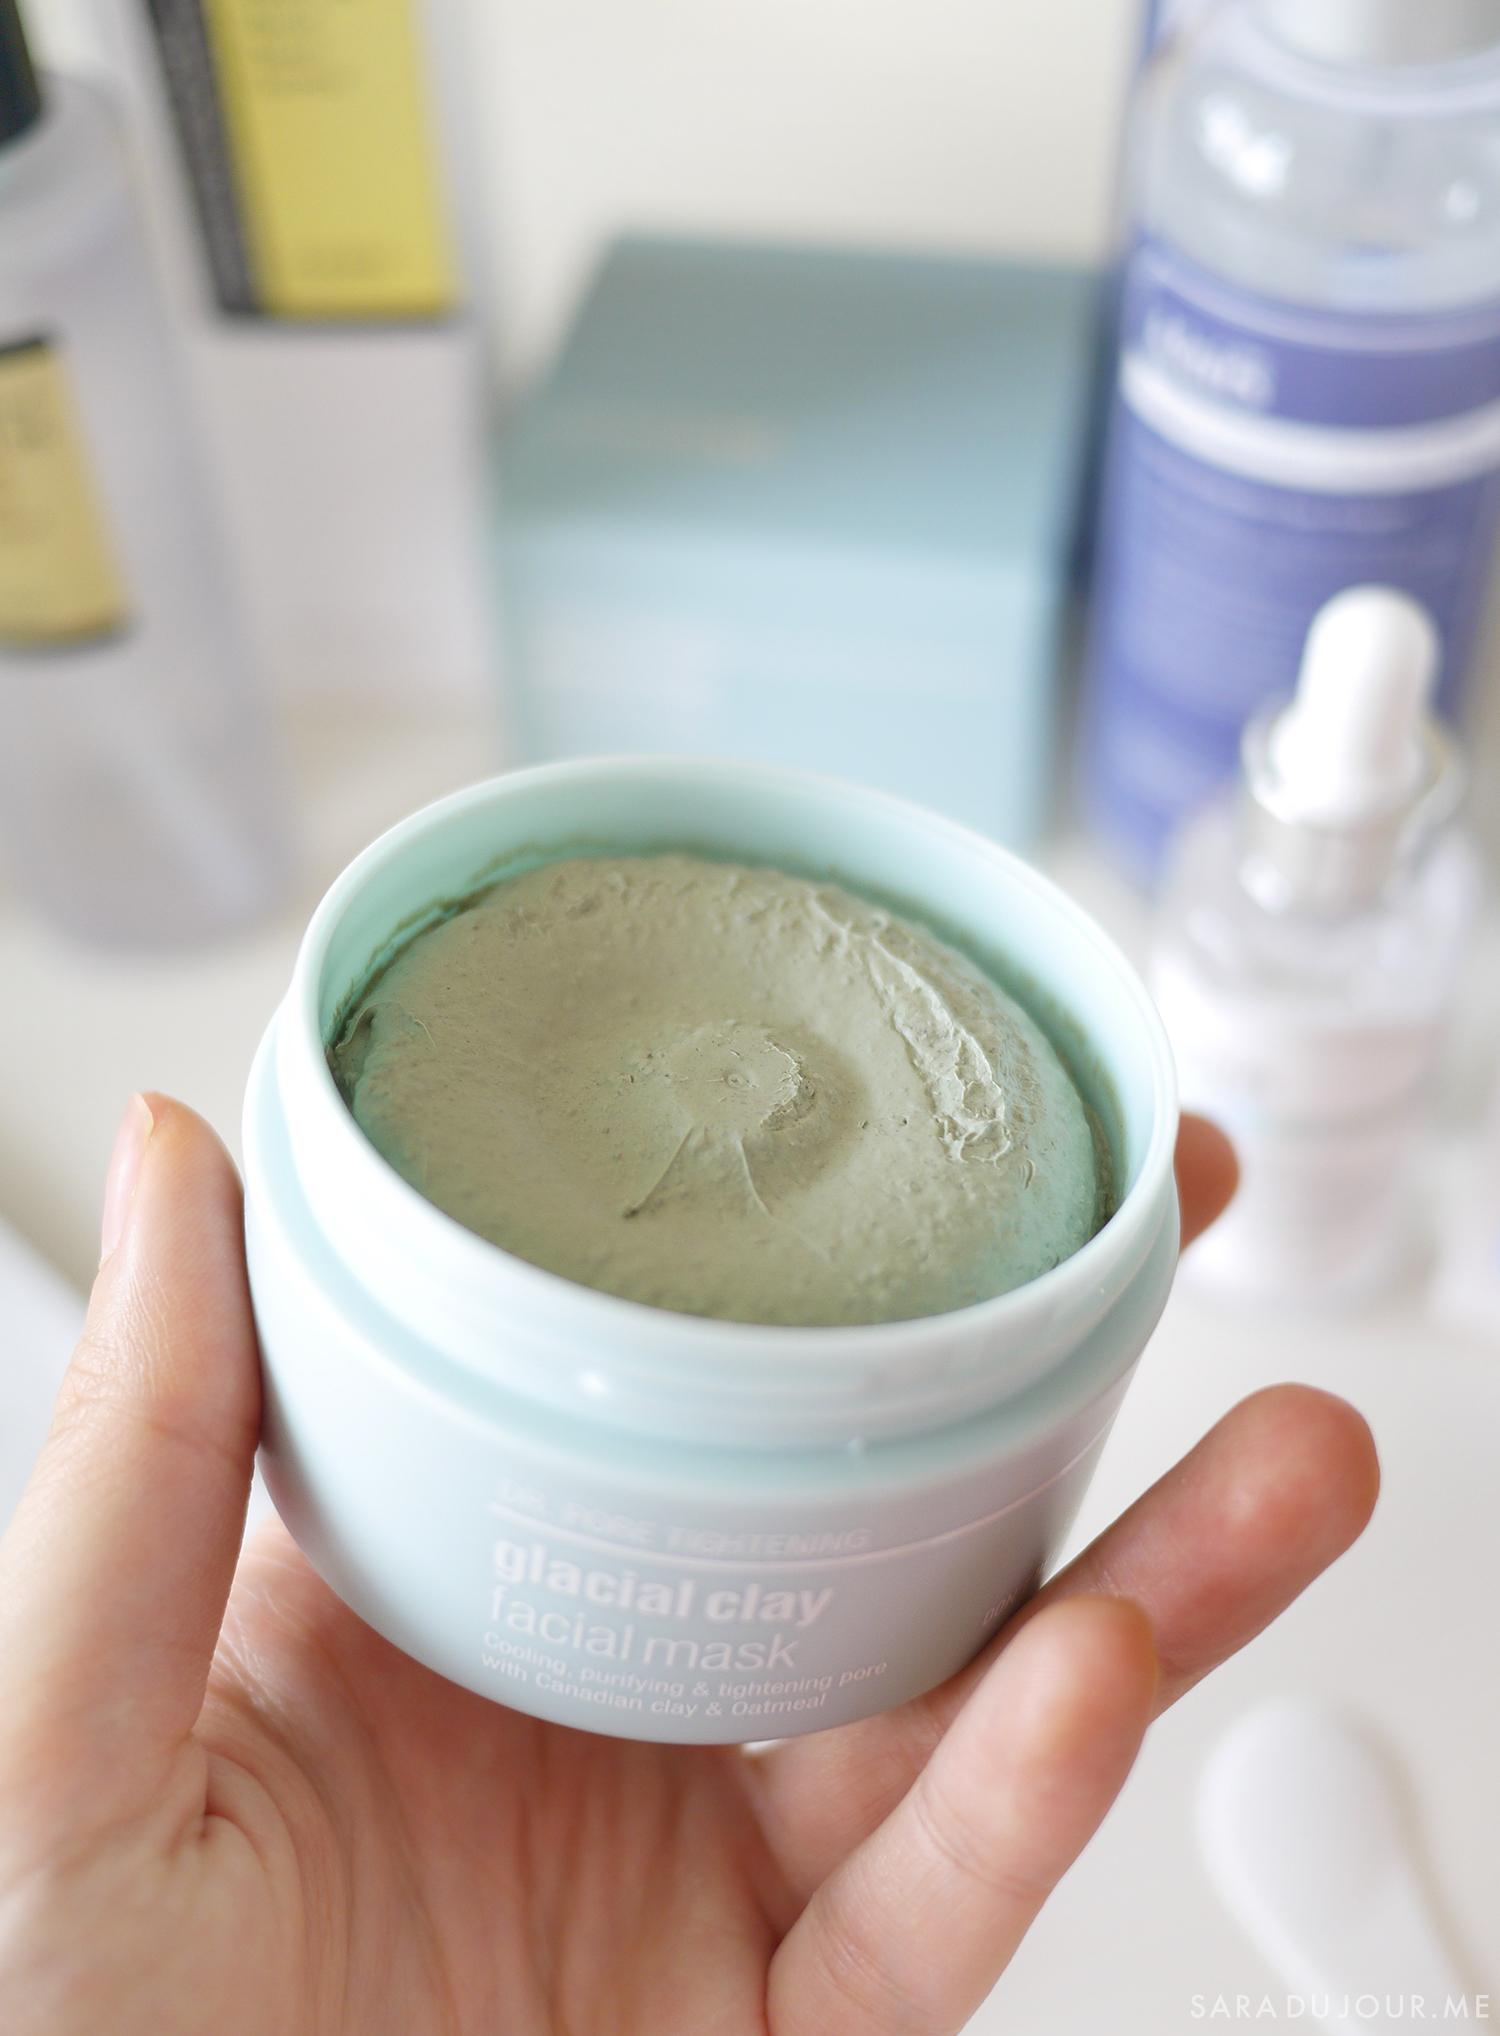 Korean Skincare Haul: Klairs, COSRX, and more | Sara du Jour